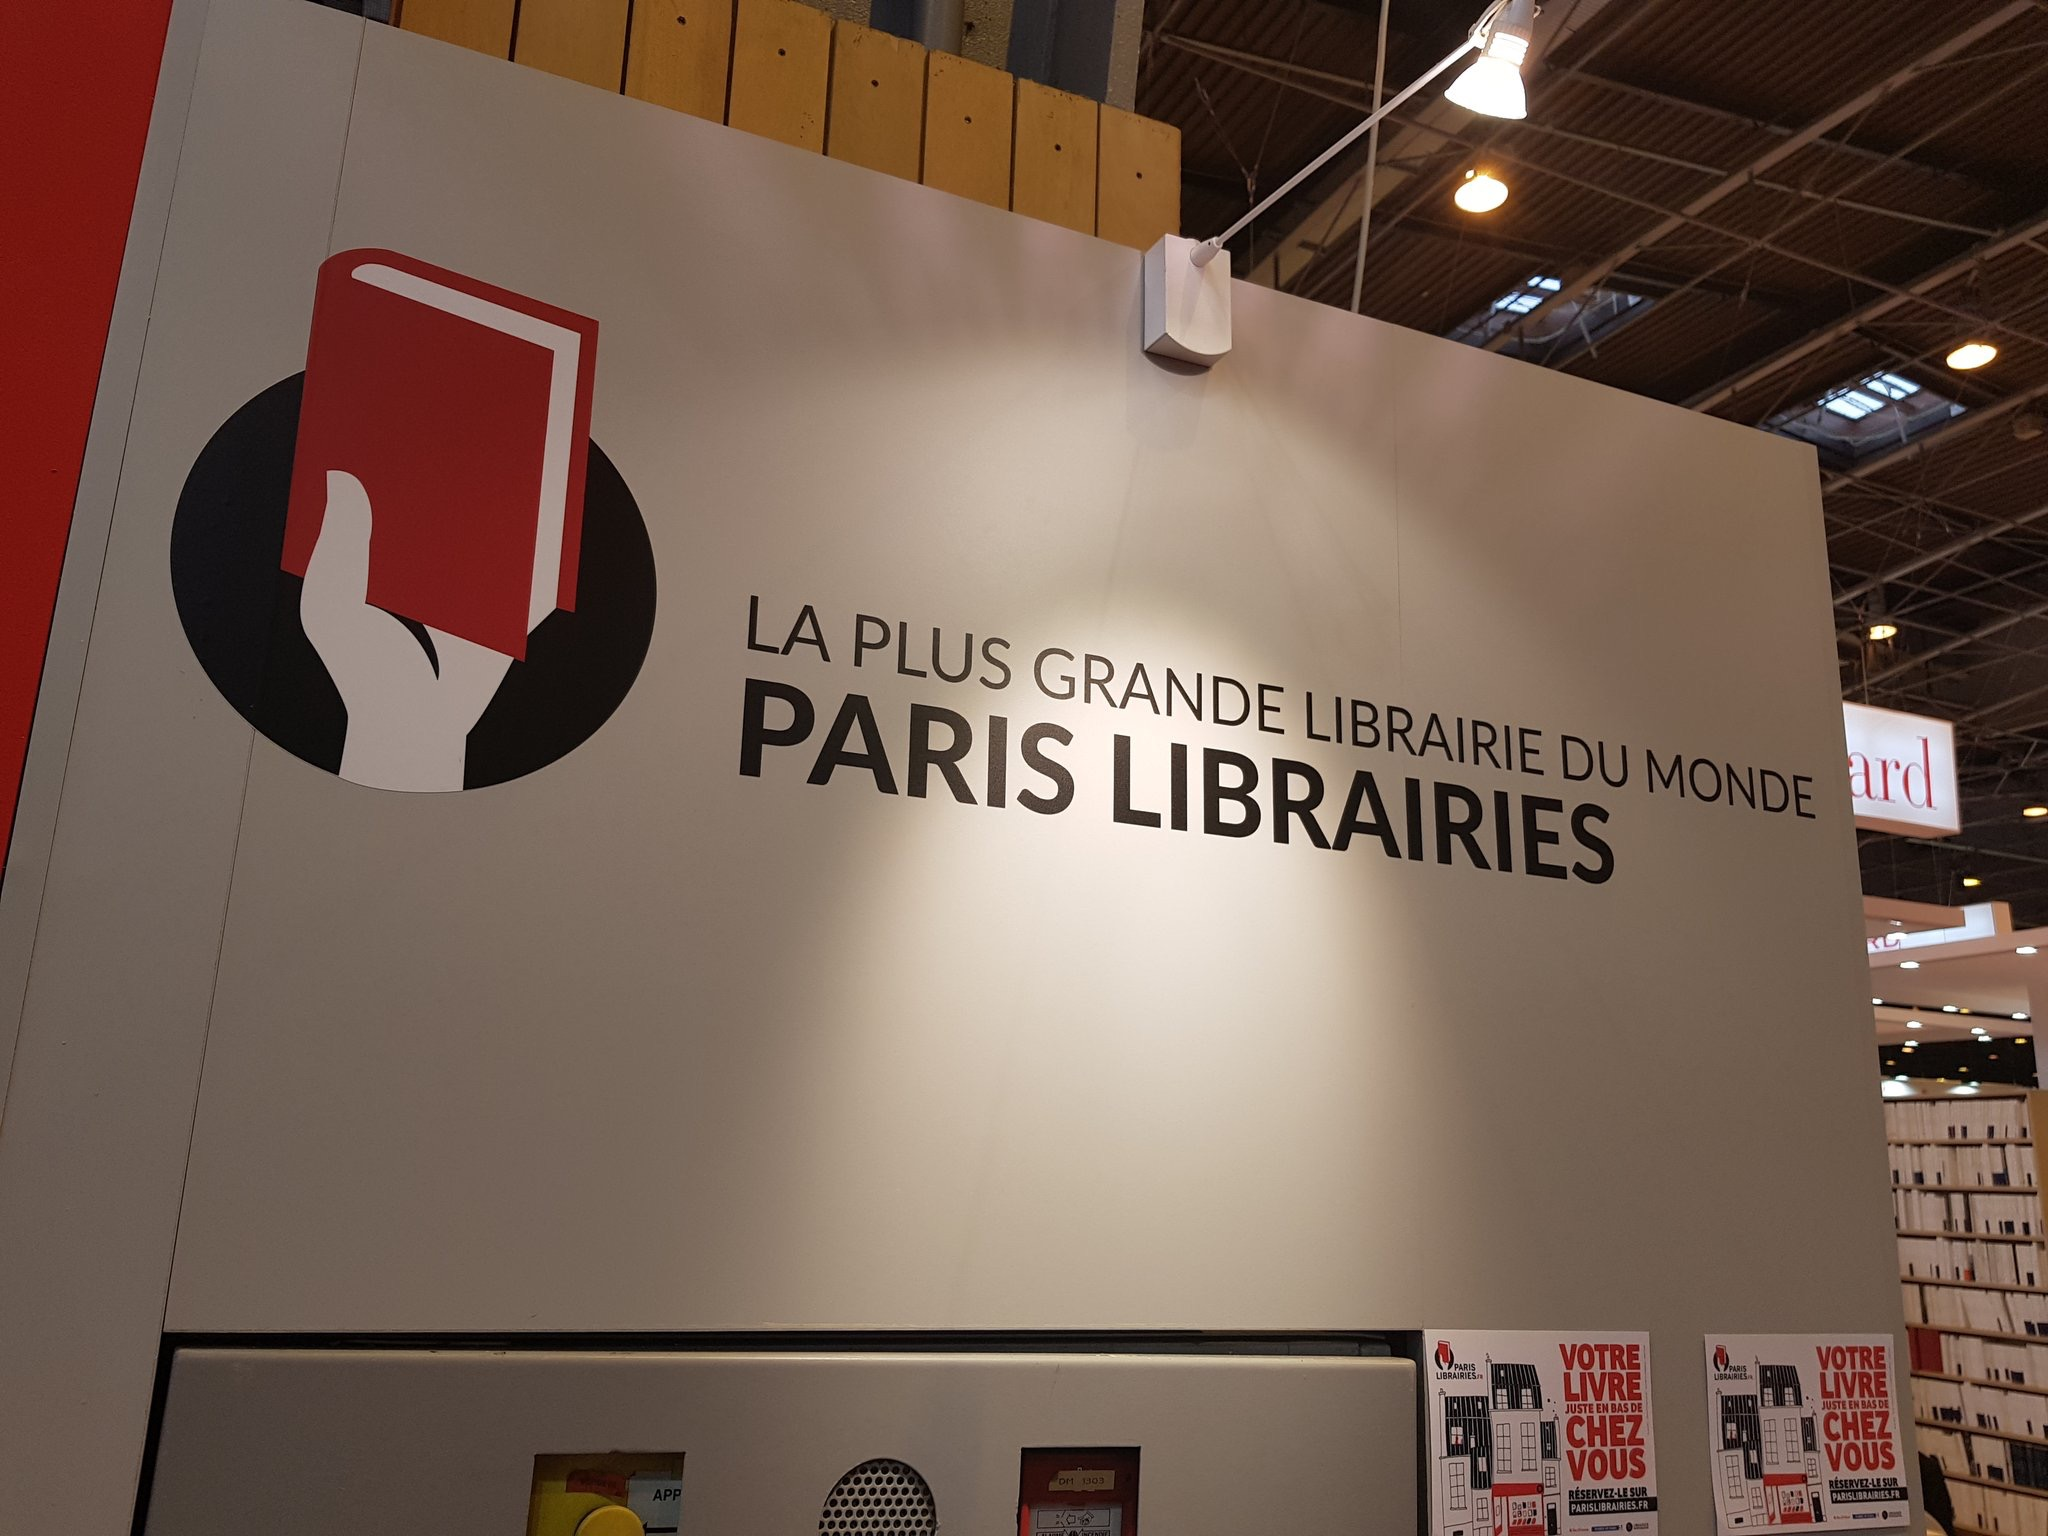 Rencontre avec Paris Librairies. J'y évoque, notamment, la mission de co-rapporteur sur la loi Amazon de 2015.